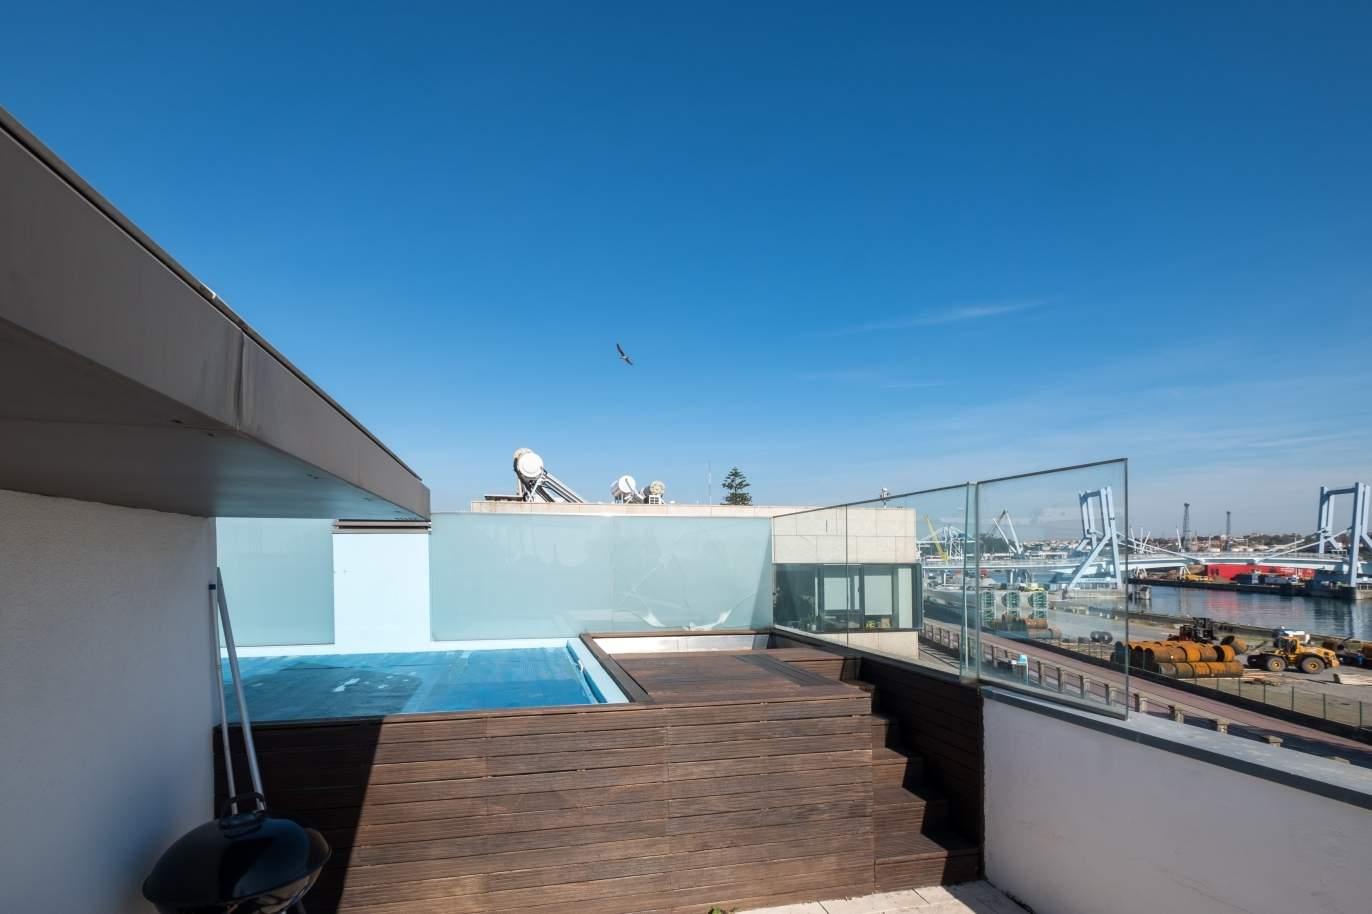 venda-de-moradia-com-piscina-terraco-e-vistas-rio-leca-da-palmeira